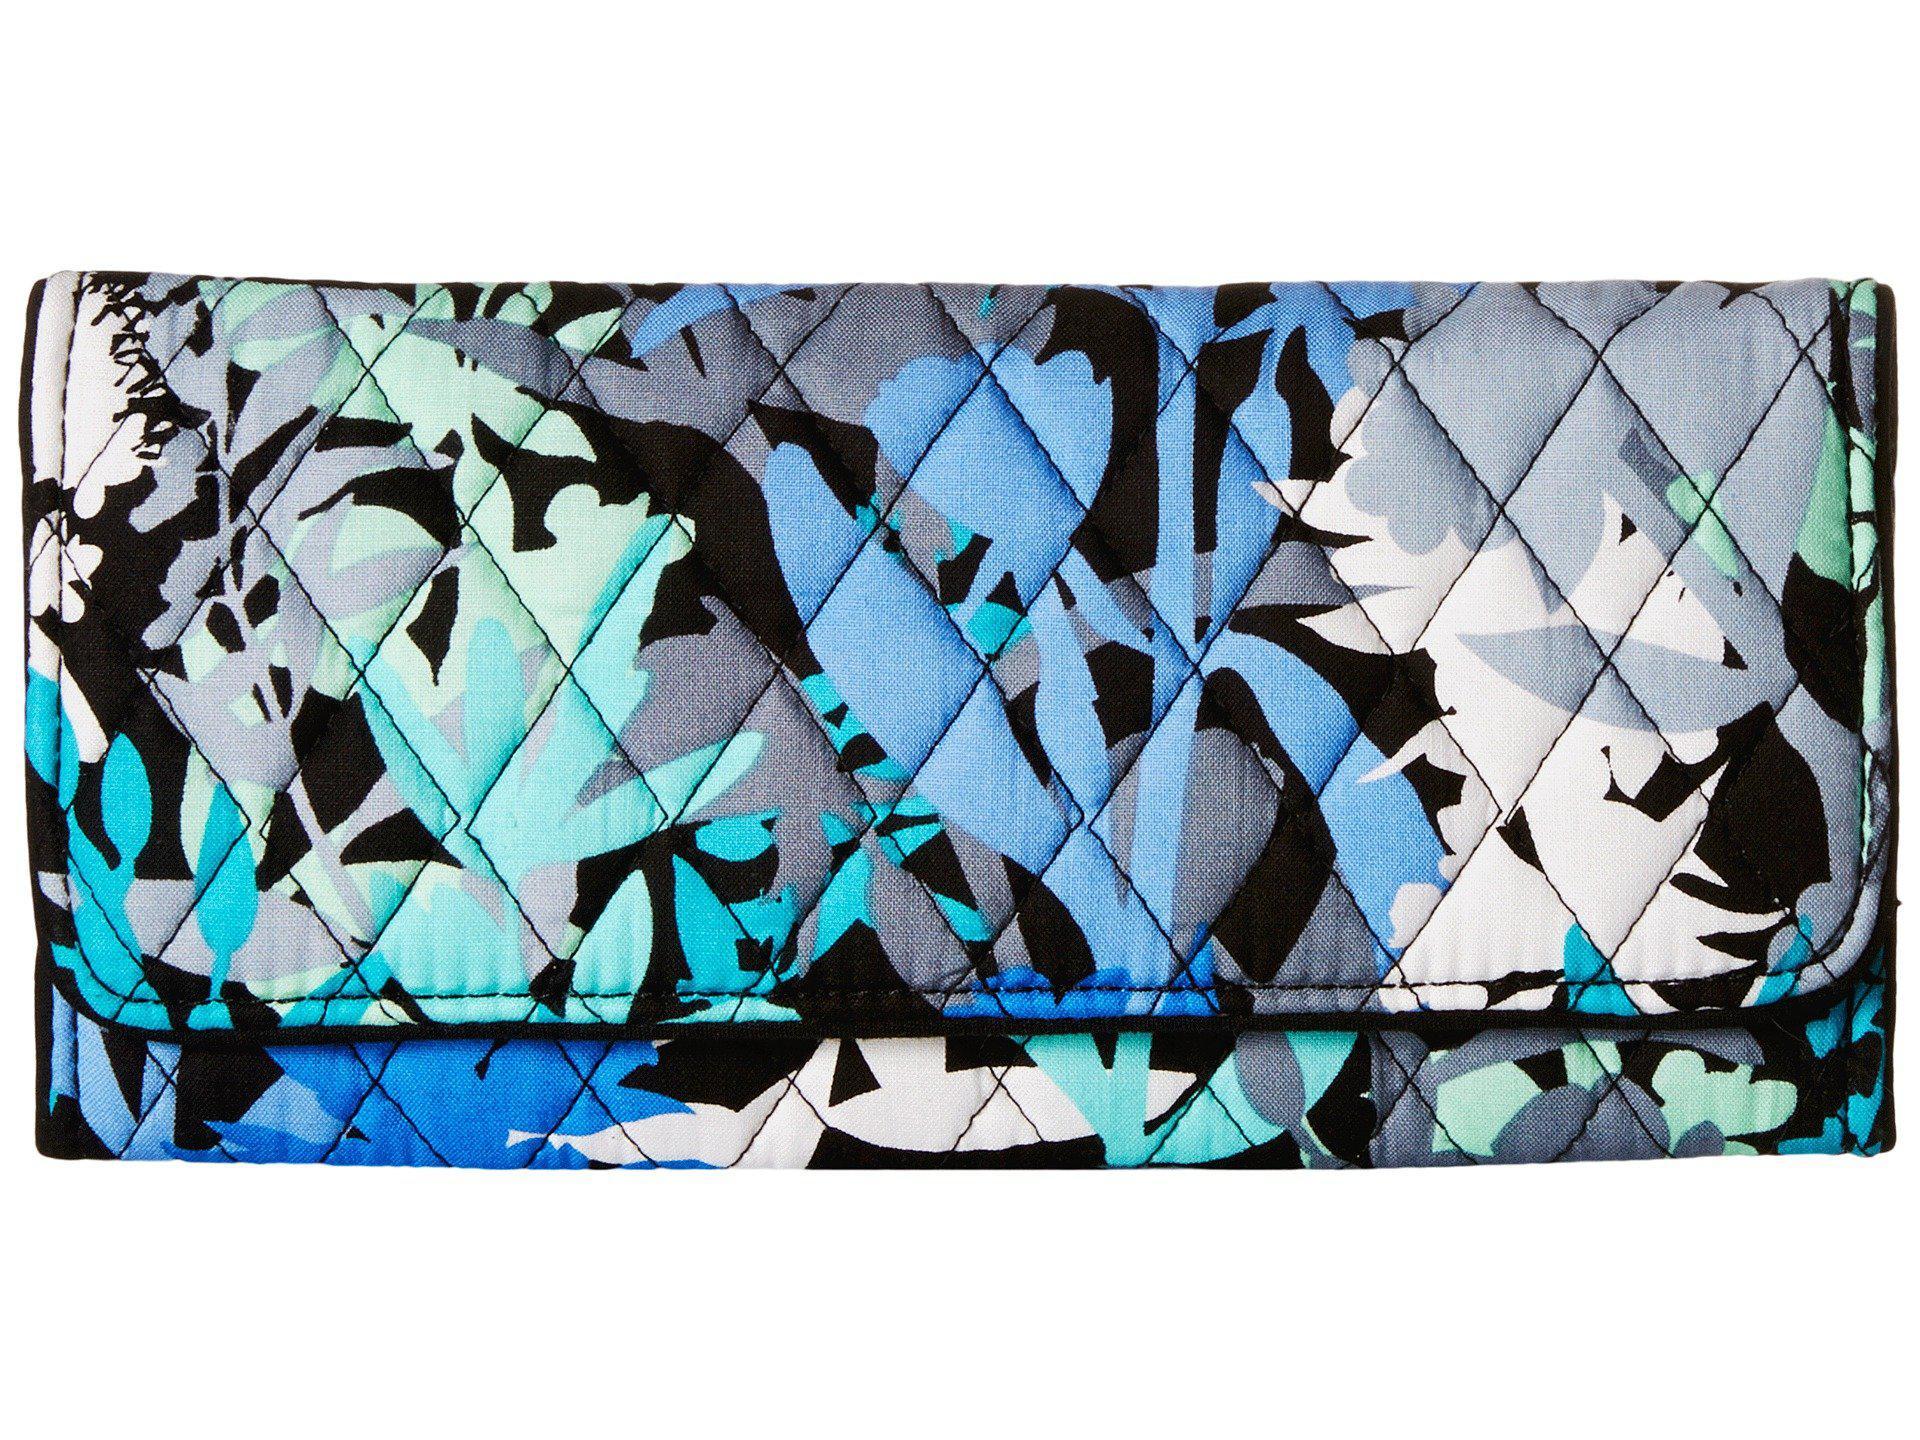 Vera Bradley Trifold Wallet Camofloral Wallet Handbags In Blue